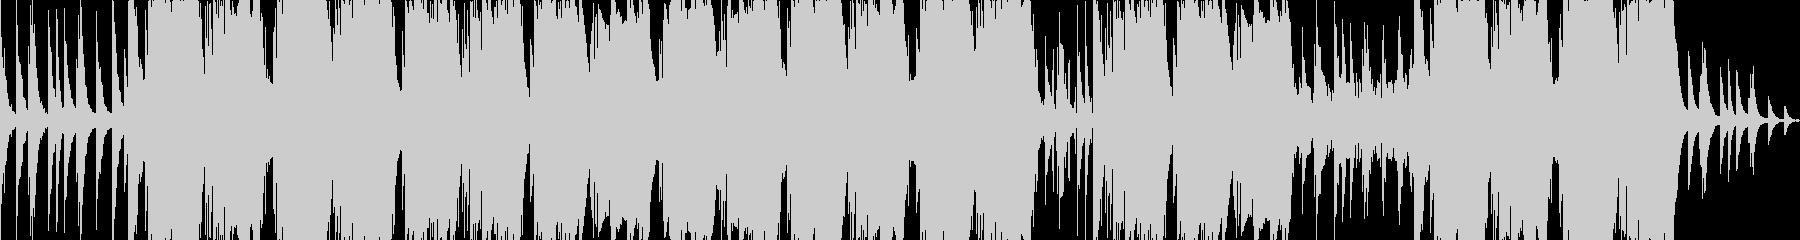 チルなピアノサウンドが印象的なトラップの未再生の波形